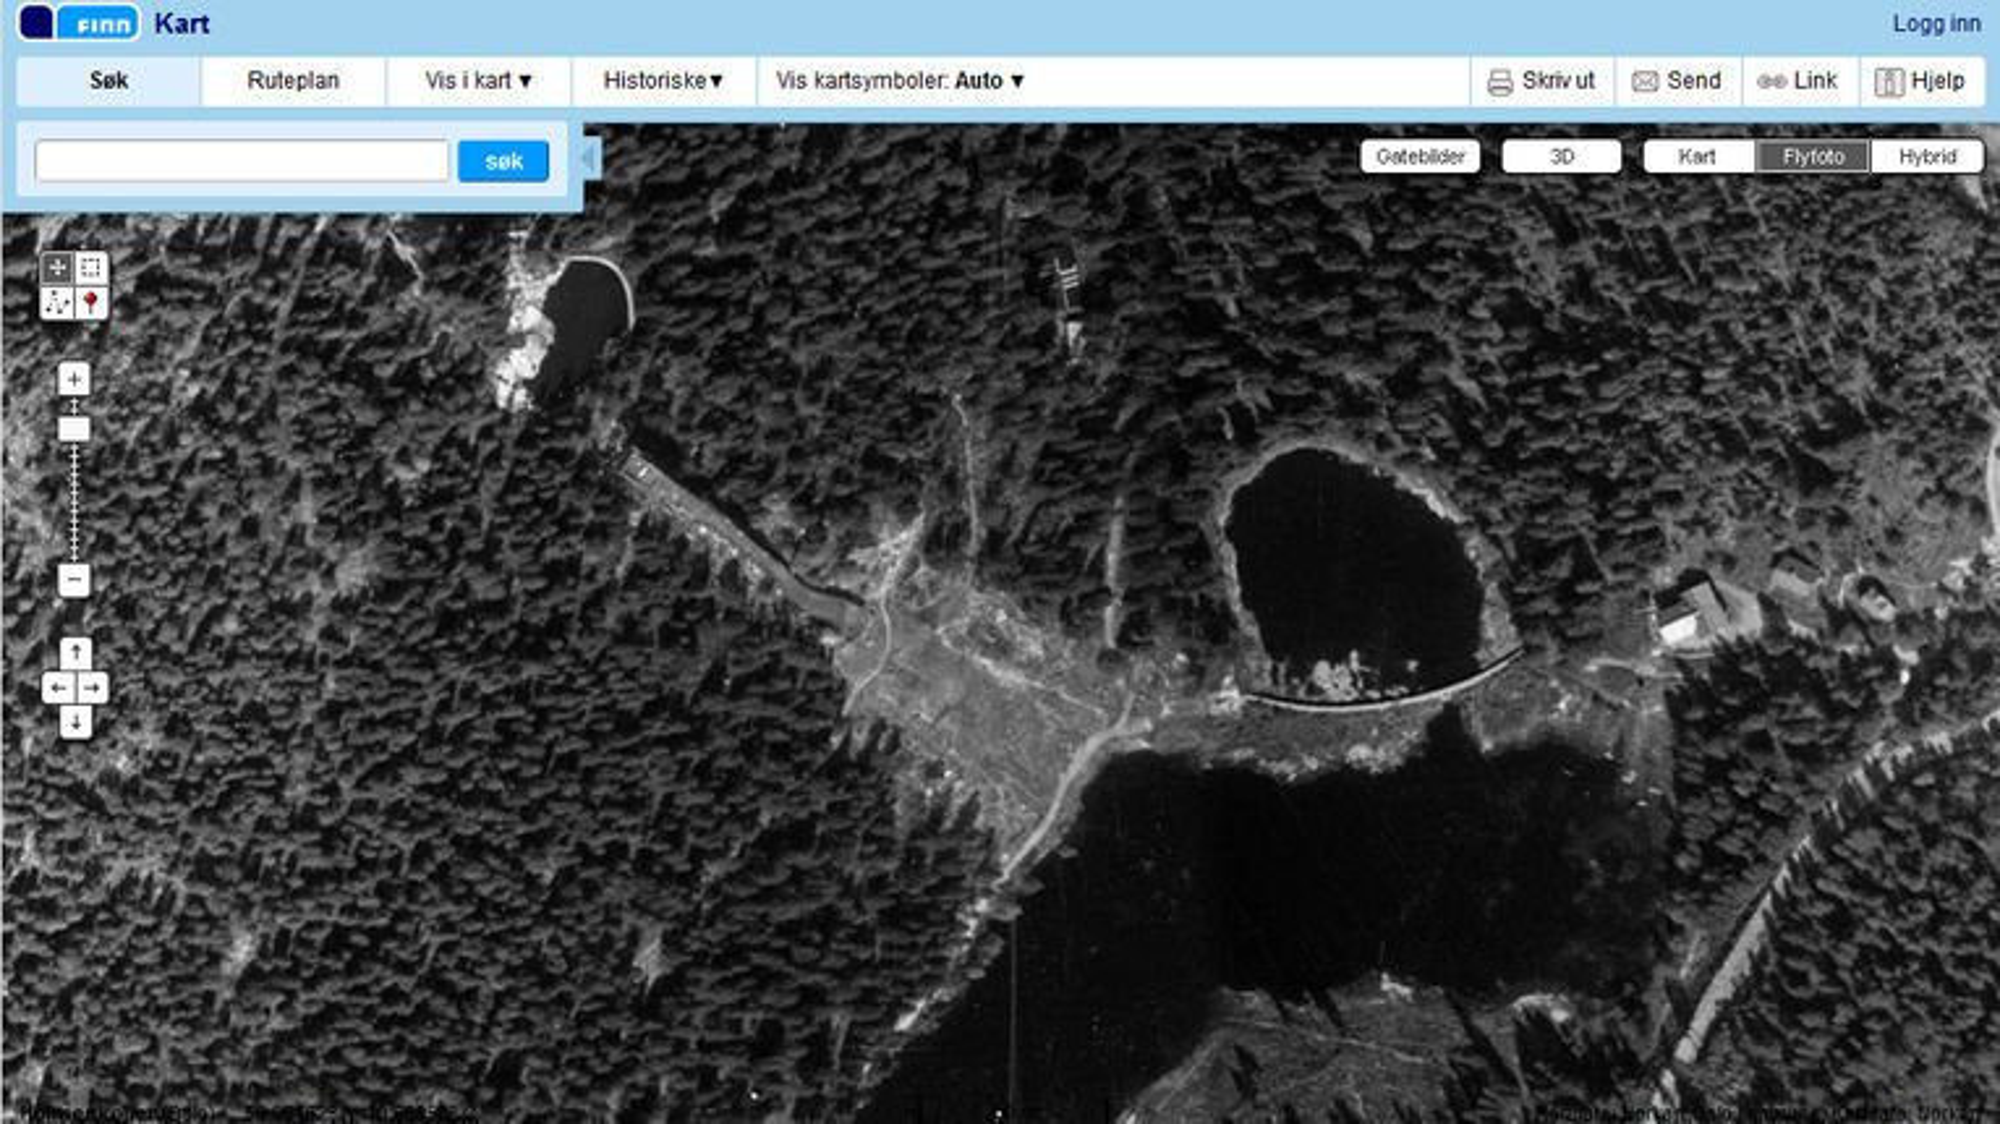 historiske kart finn Finn.no har fått historiske flyfoto   Digi.no historiske kart finn